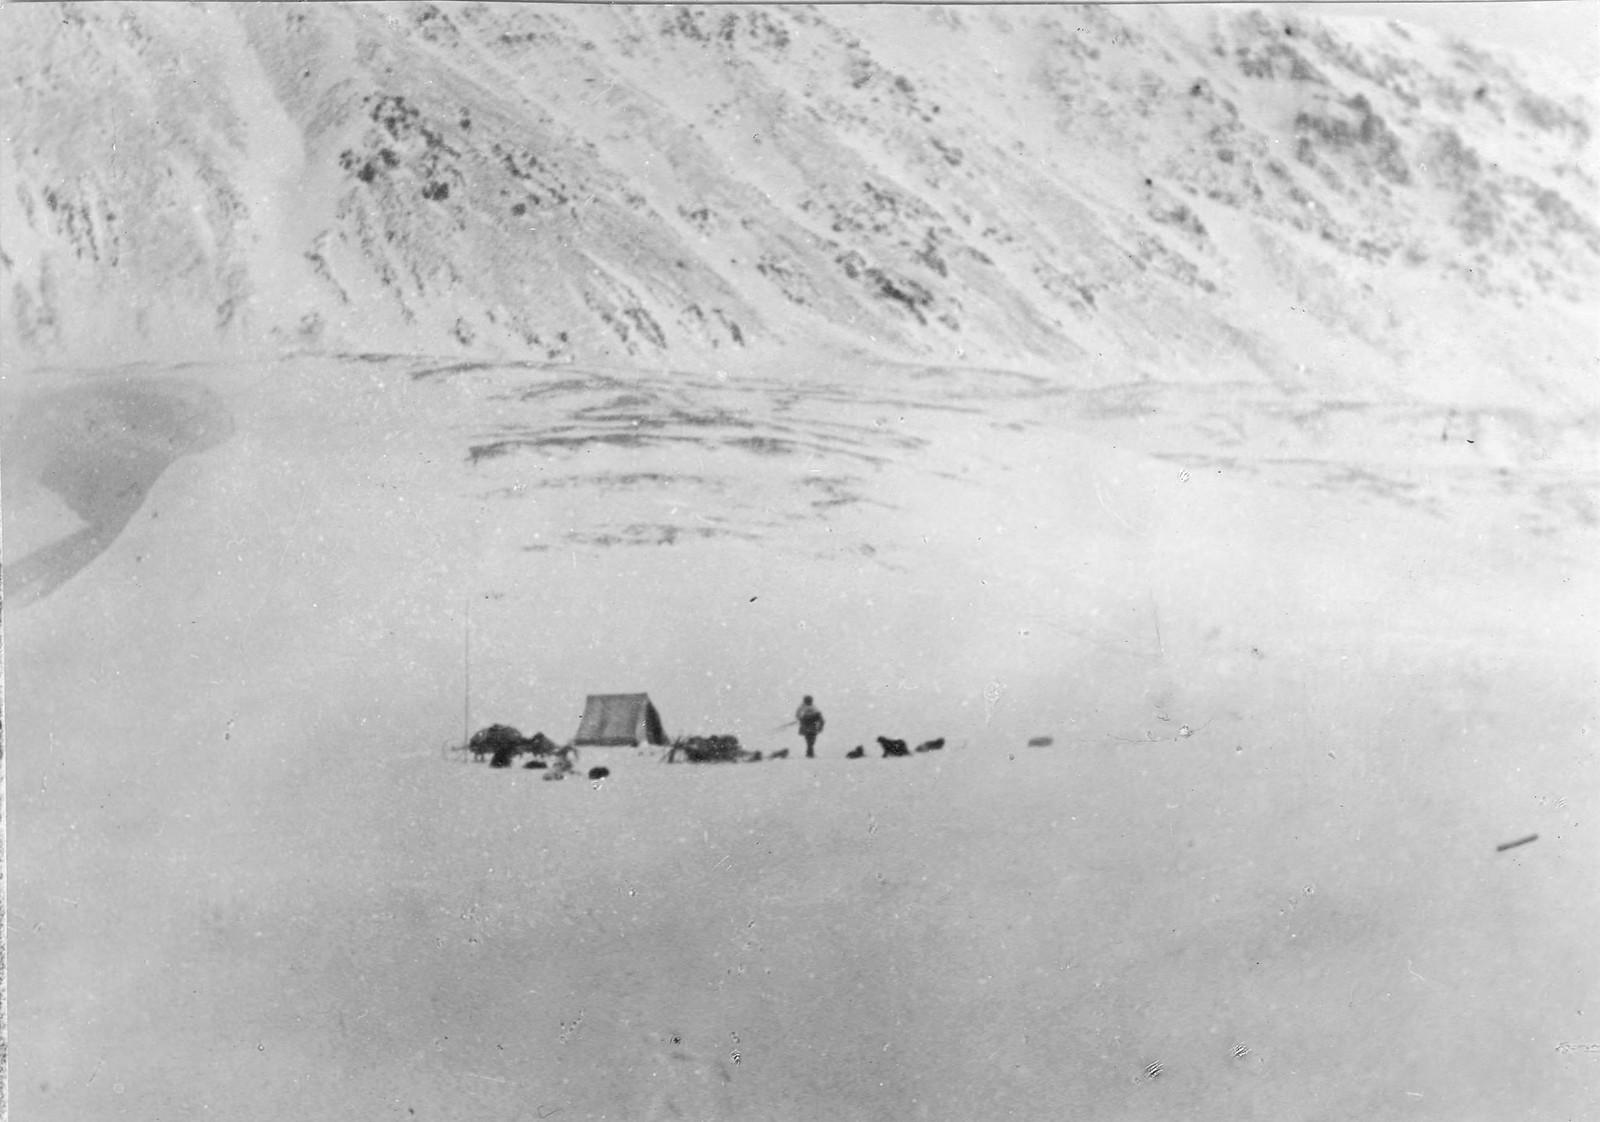 Лагерь у подножия горы.